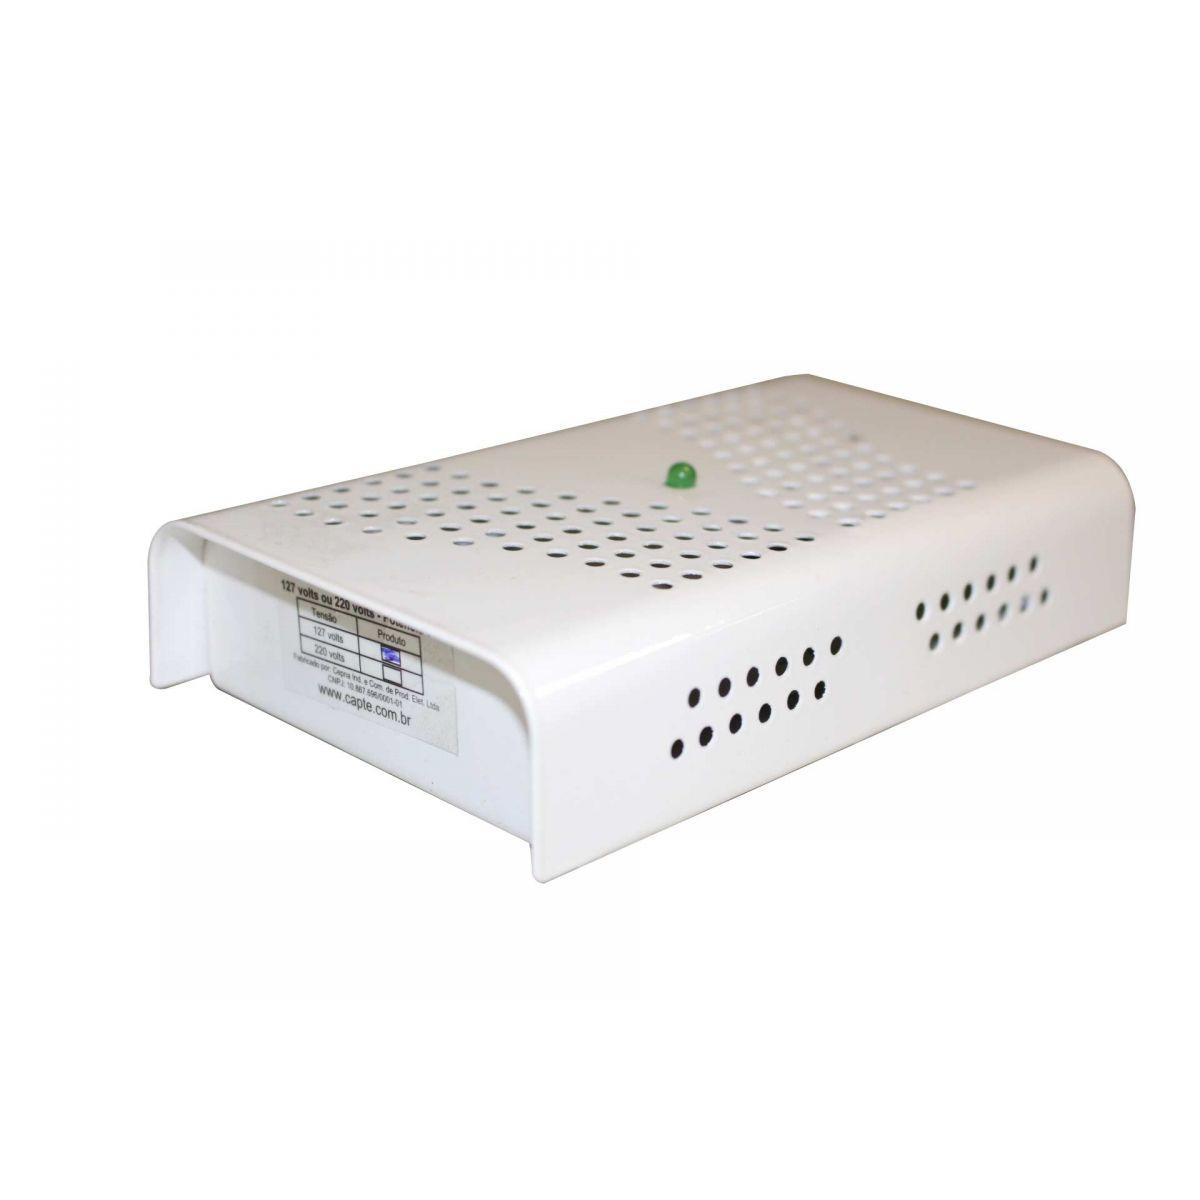 Kit Anti Mofo Eletrônicos Repel Mofo 4 unidades, Anti-Ácaro e Fungos, Desumidificador 110V - BRANCO